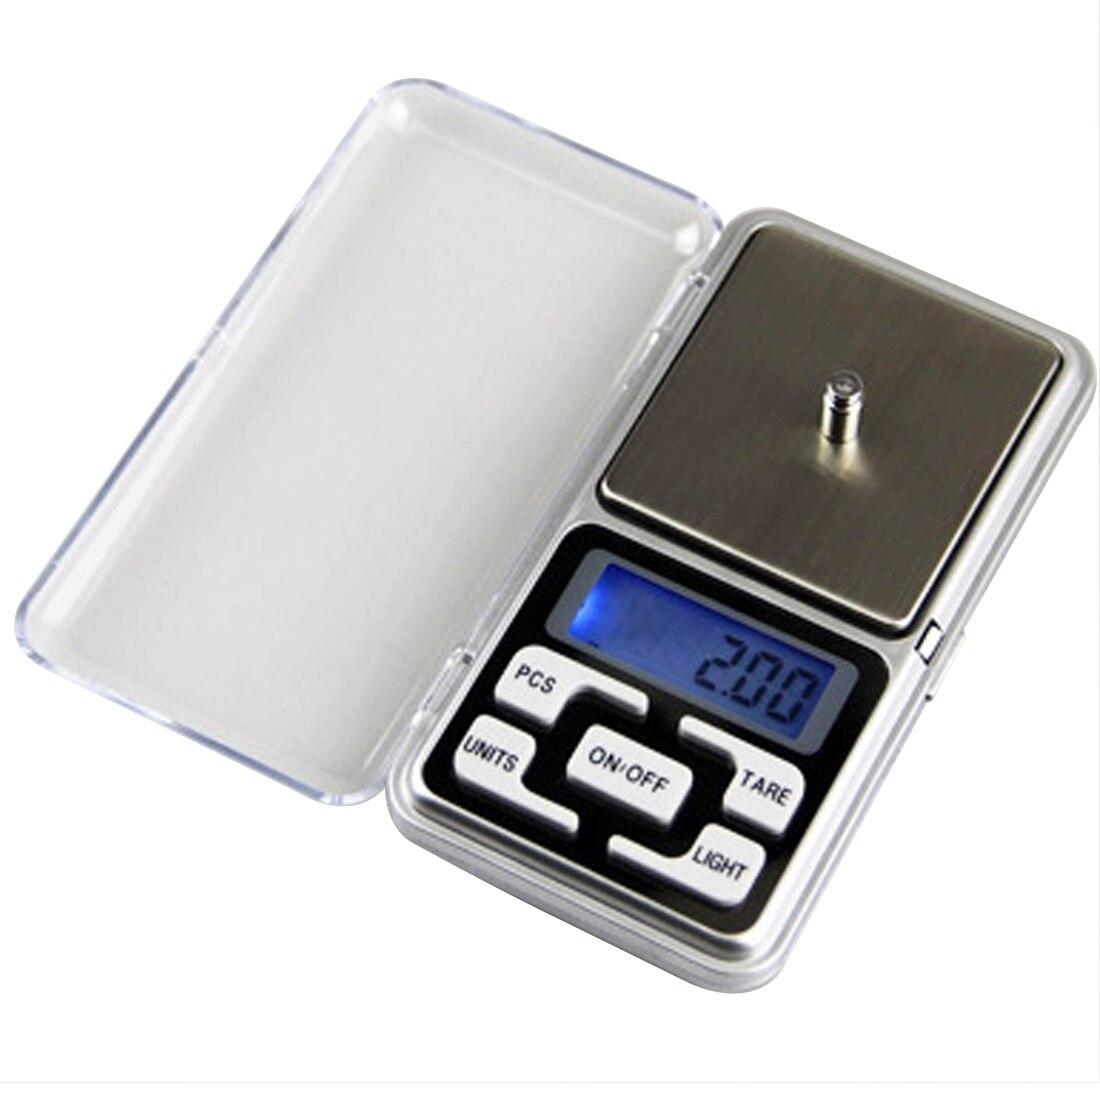 Mini Digitale di Precisione Bilancia 200g/0.01g Per Oro Bijoux Sterling Silver Scala Gioielli 0.01 Peso Bilance Elettroniche